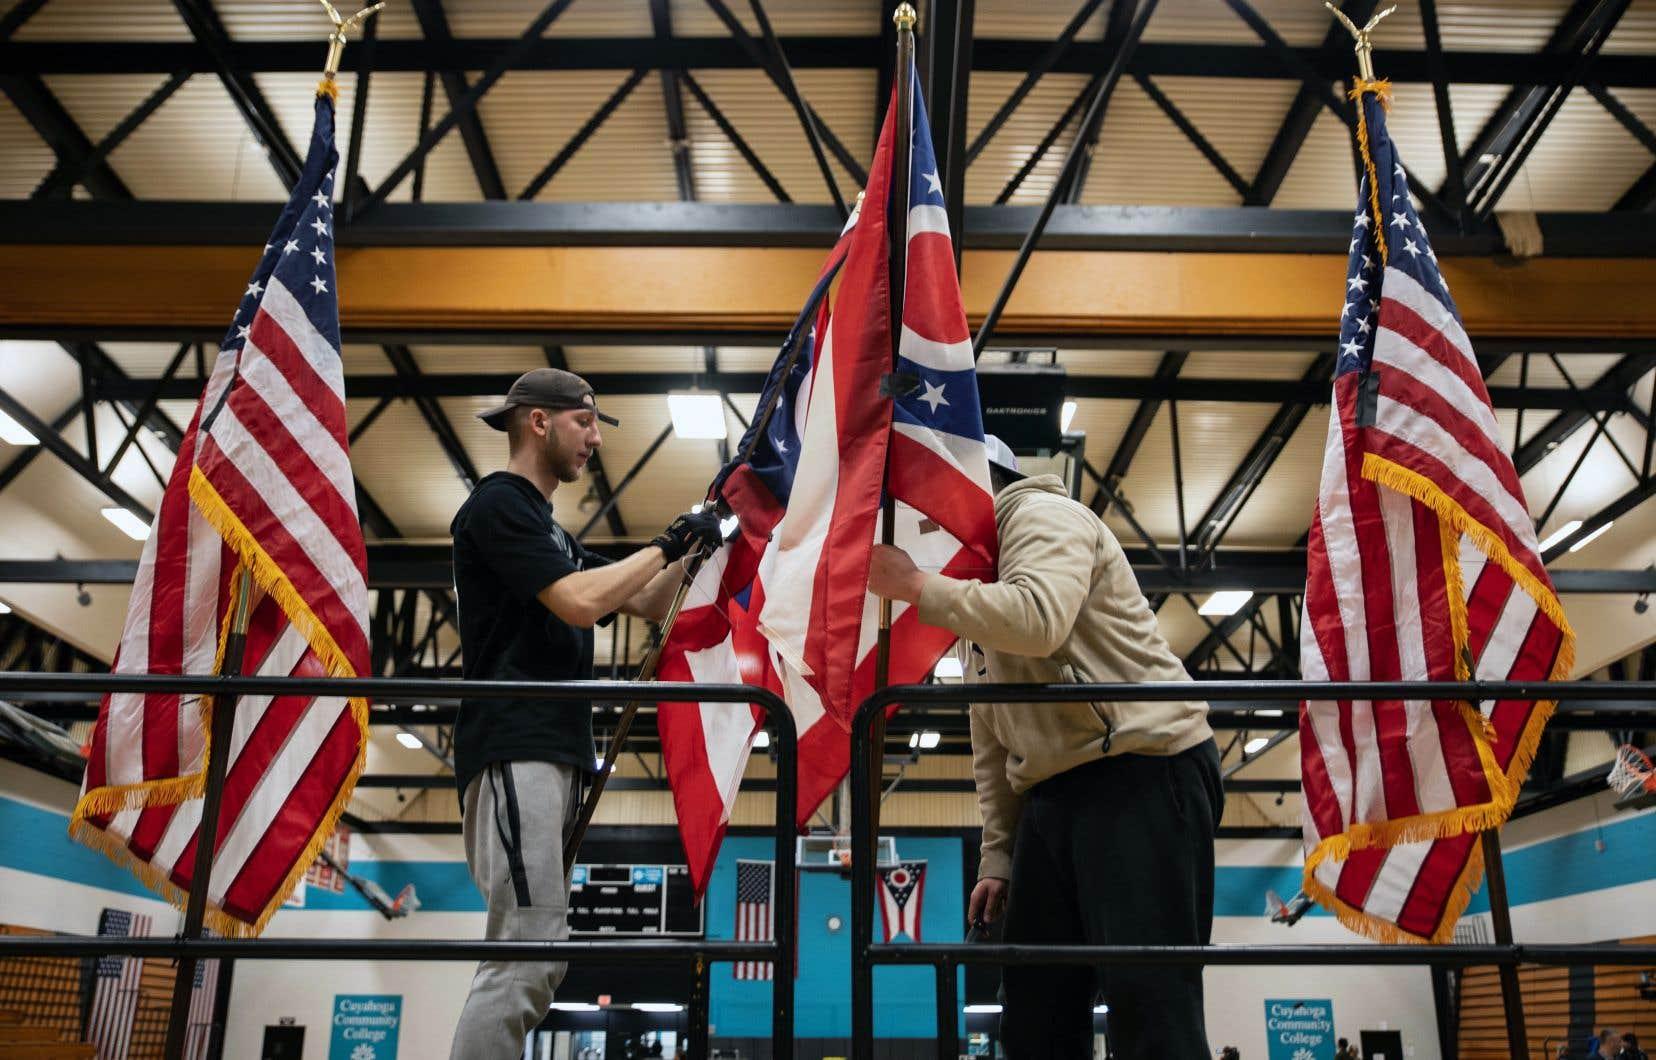 Les autorités électorales de la Floride, de l'Illinois et de l'Arizona ont décidé de maintenir le vote des primaires démocrates.